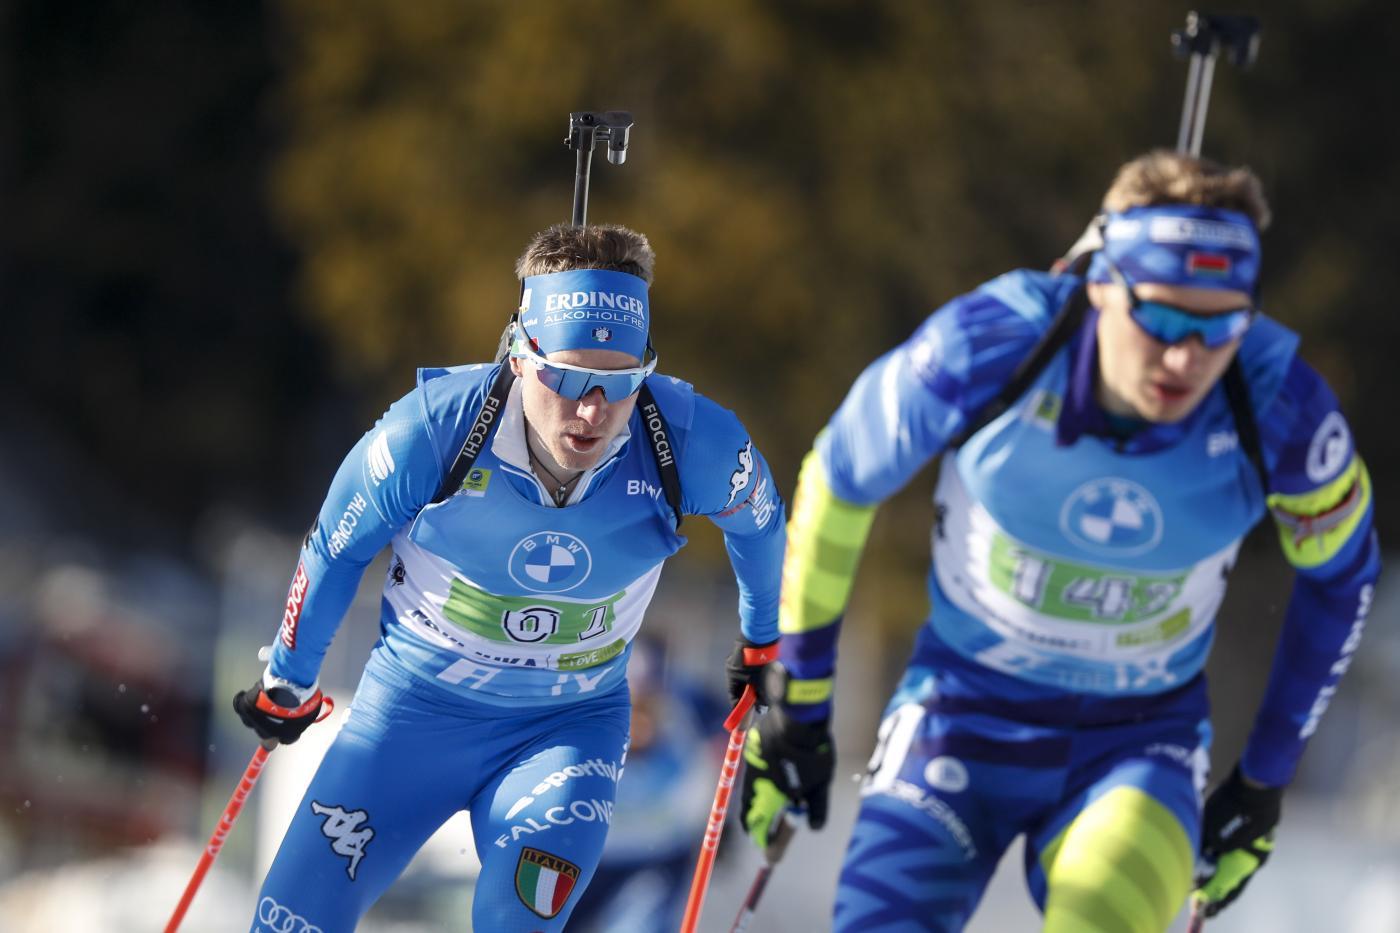 LIVE Biathlon, Inseguimento uomini Nove Mesto in DIRETTA: Hofer sogna la rimonta, Johannes Boe sfida se stesso